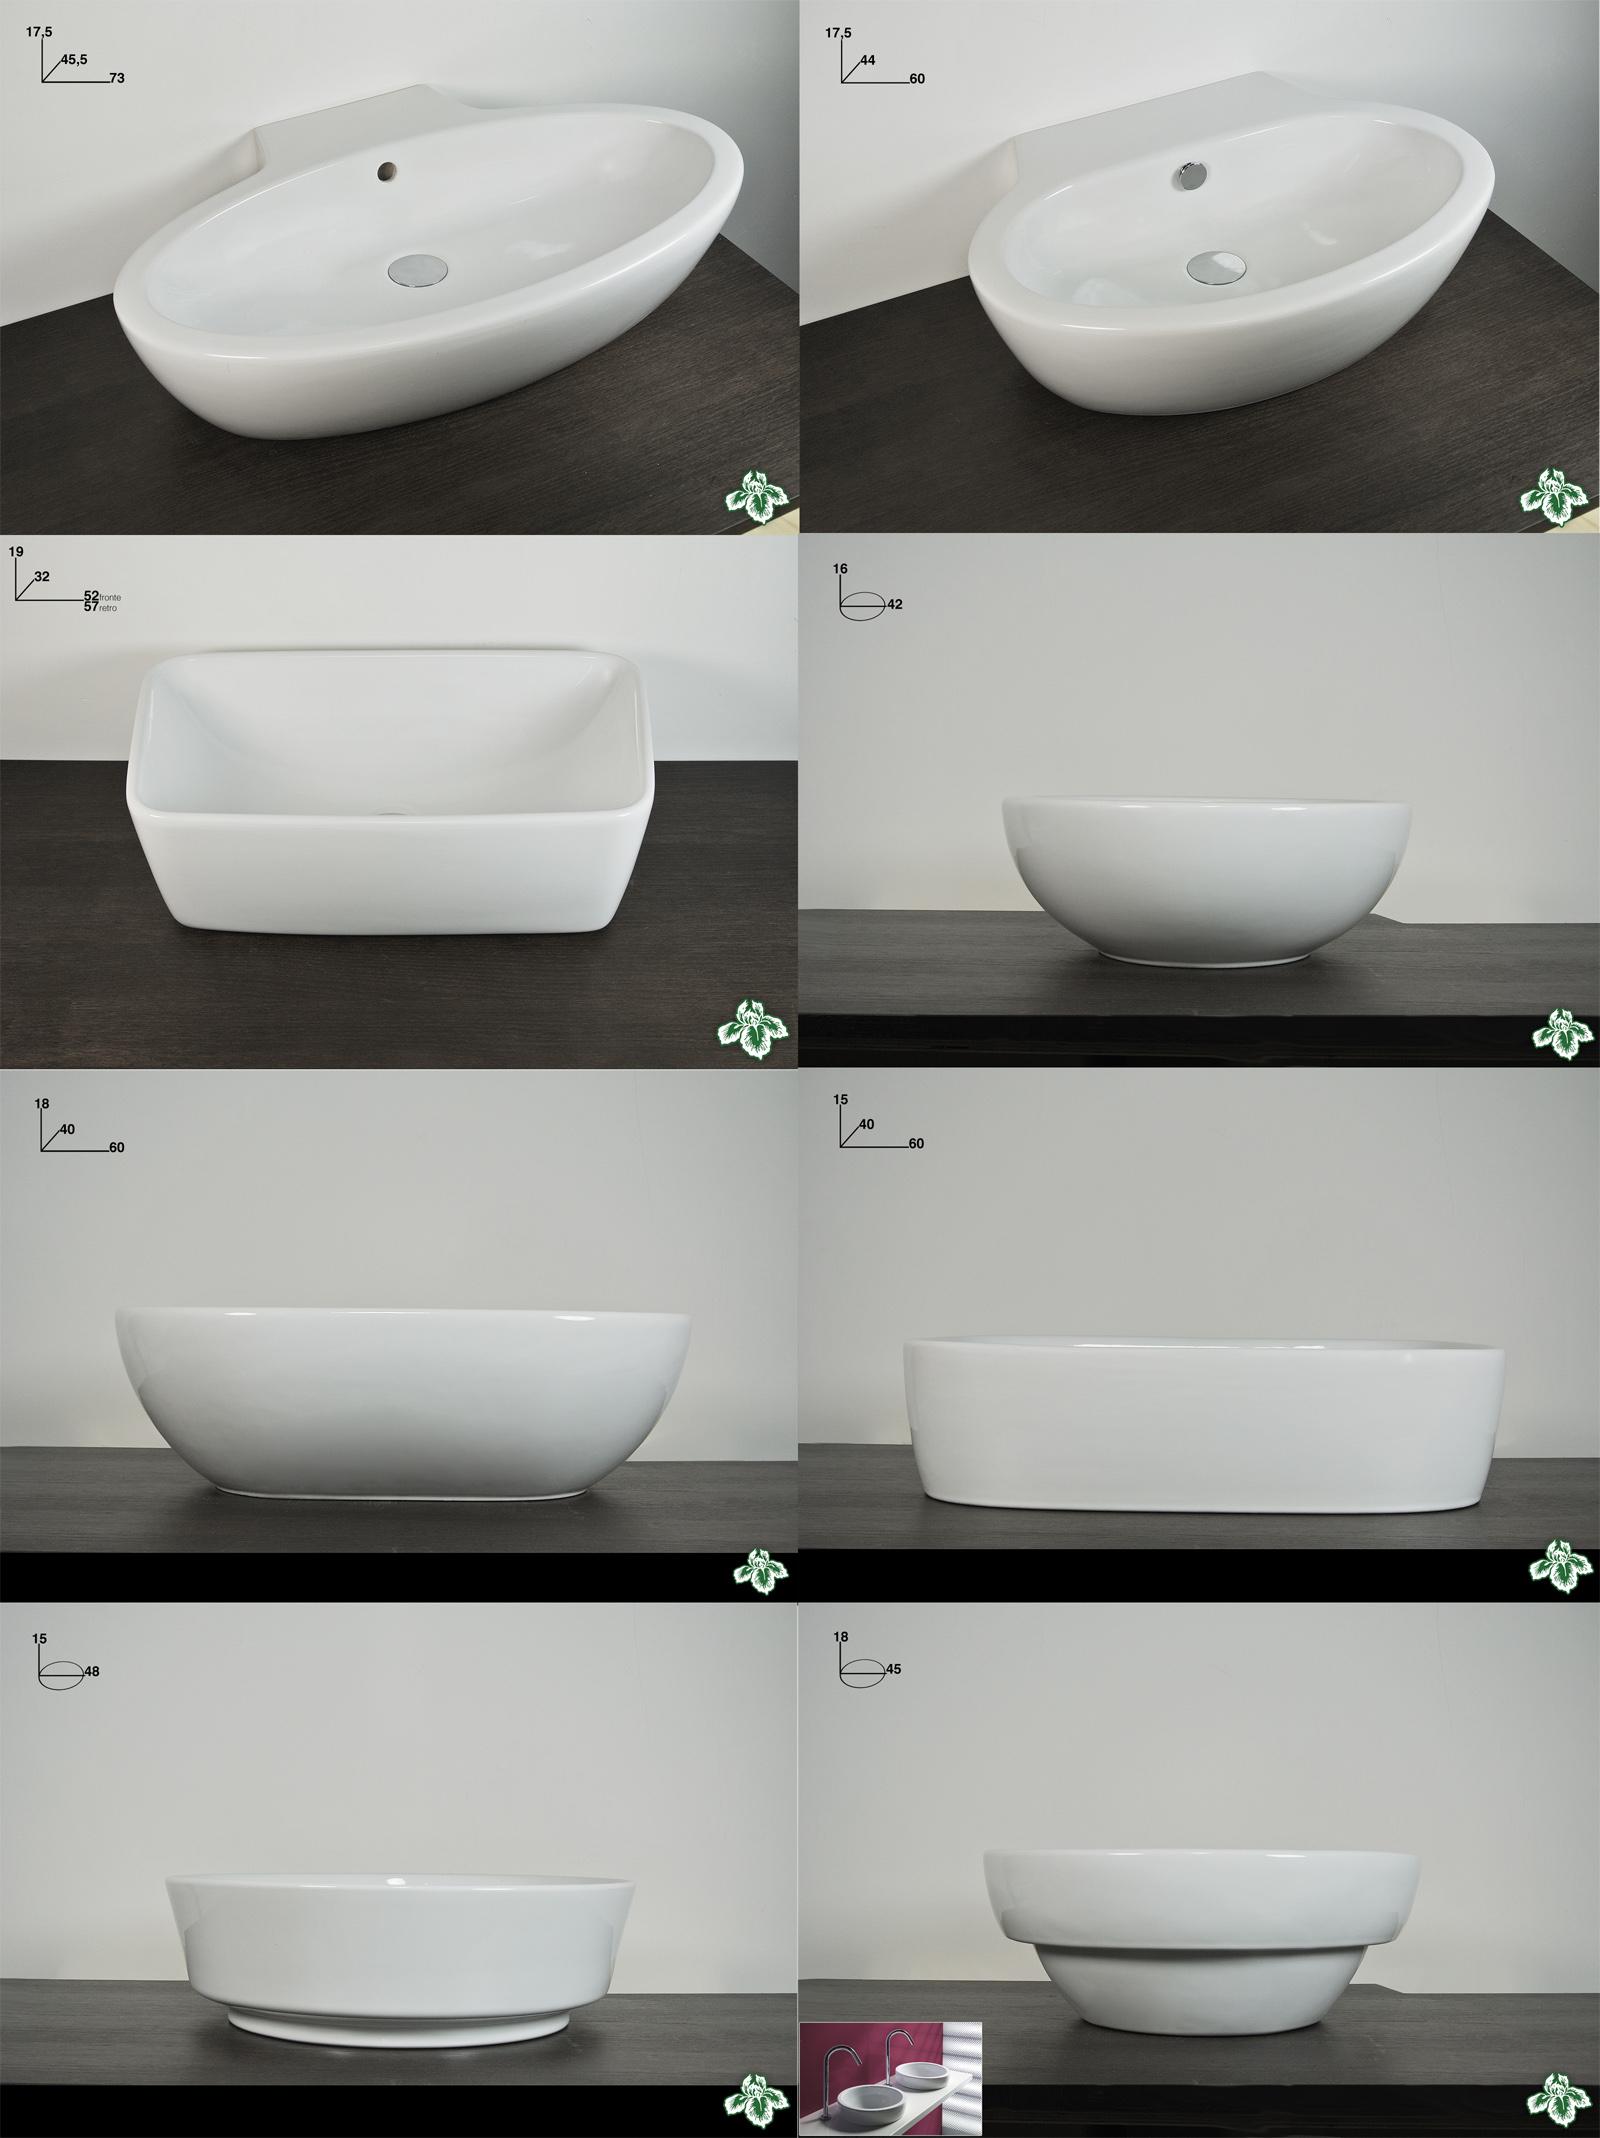 TOP10 Lavabi Ceramica i lavabi più convenienti